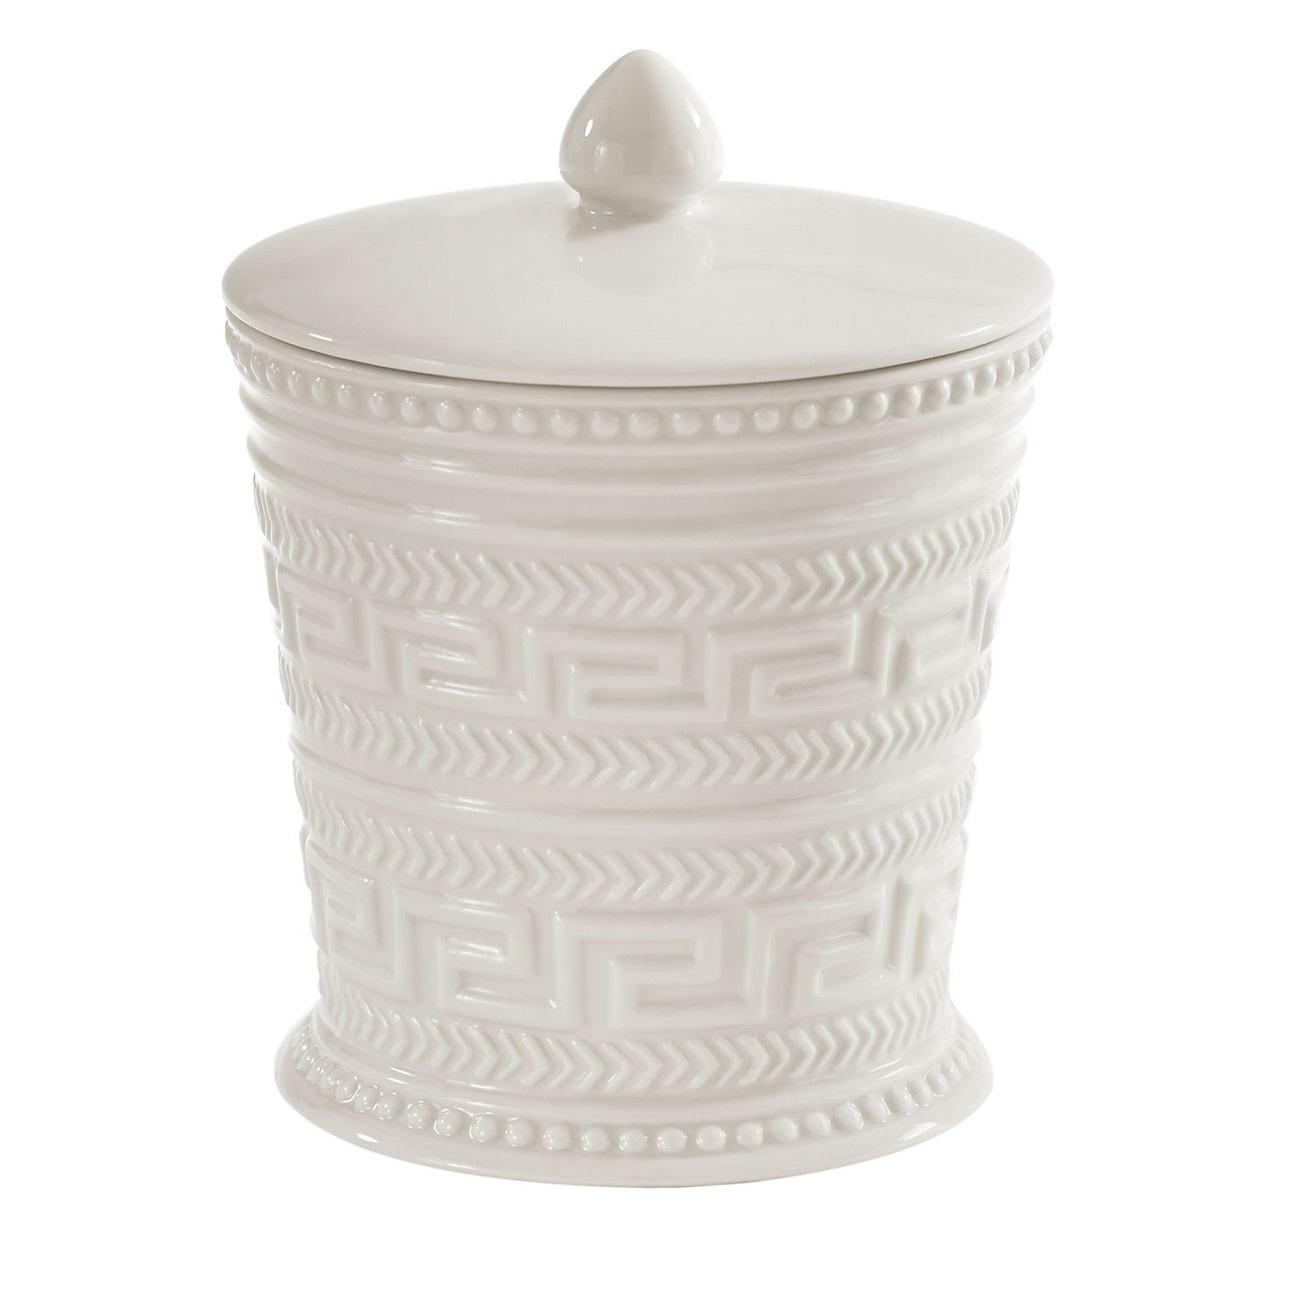 Органайзер для мелочей и косметики Kassatex Santorini, ASN-CJ, белыйASN-CJДобавив в интерьер ванной комнаты несколько стильных вещей, можно полностью преобразить ее облик и обновить дизайн. Эта коллекция для ванной изобилует разнообразными аксессуарами, которые способны создать новый образ или освежить старый. В любом случае, с ними ваше пространство засияет новыми красками. Строгие и одновременно изящные линии, тонкое чувство стиля, отменное качество исполнения рождает продукты, которые выдержат испытание временем.